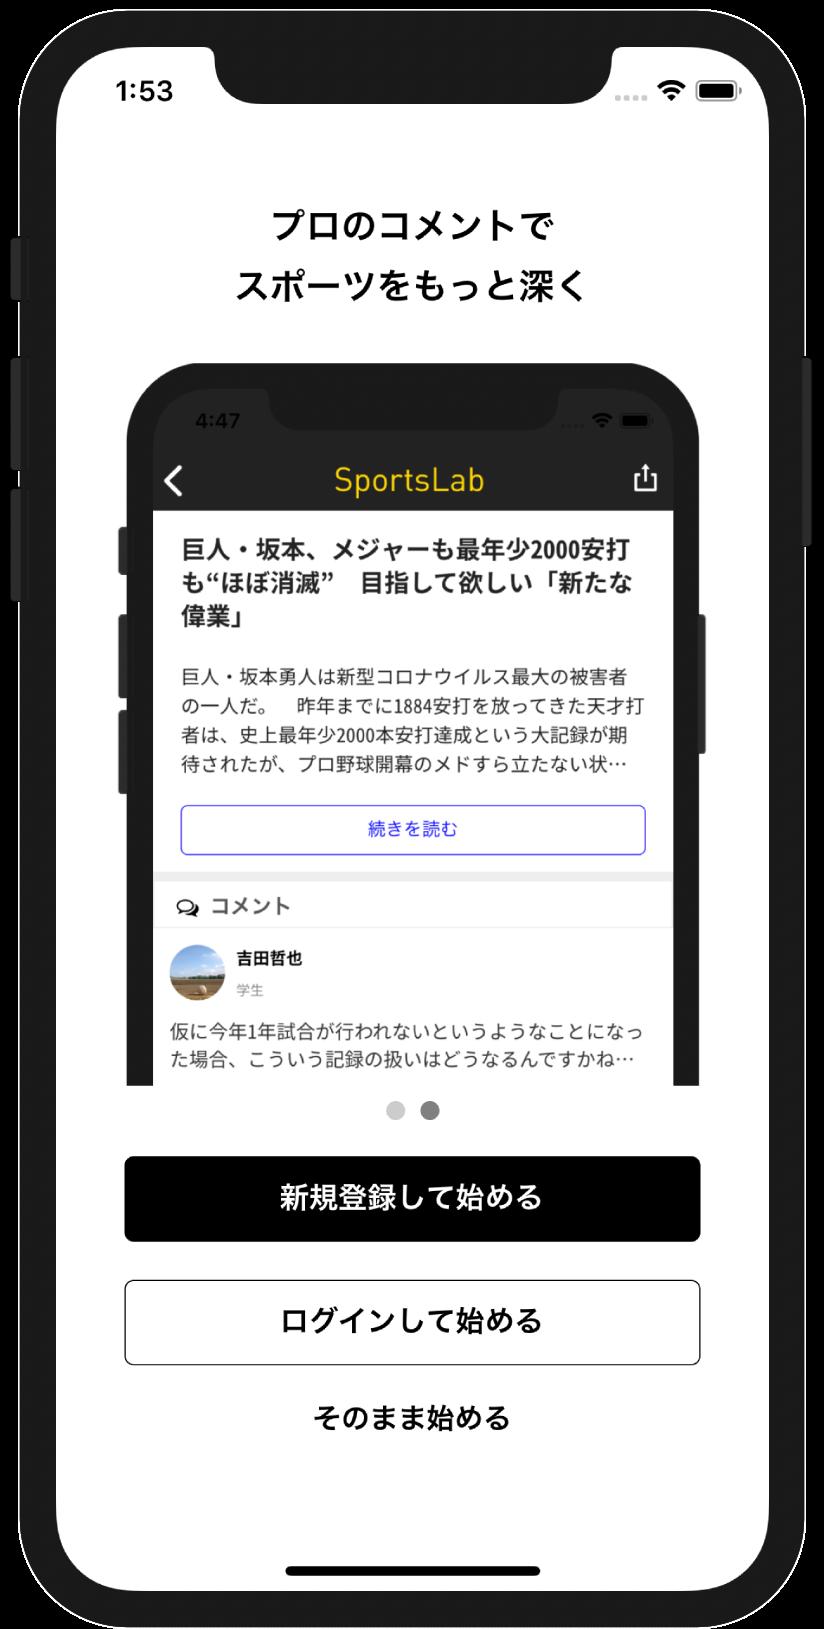 スクリーンショット 2020-05-19 01.54.25.png